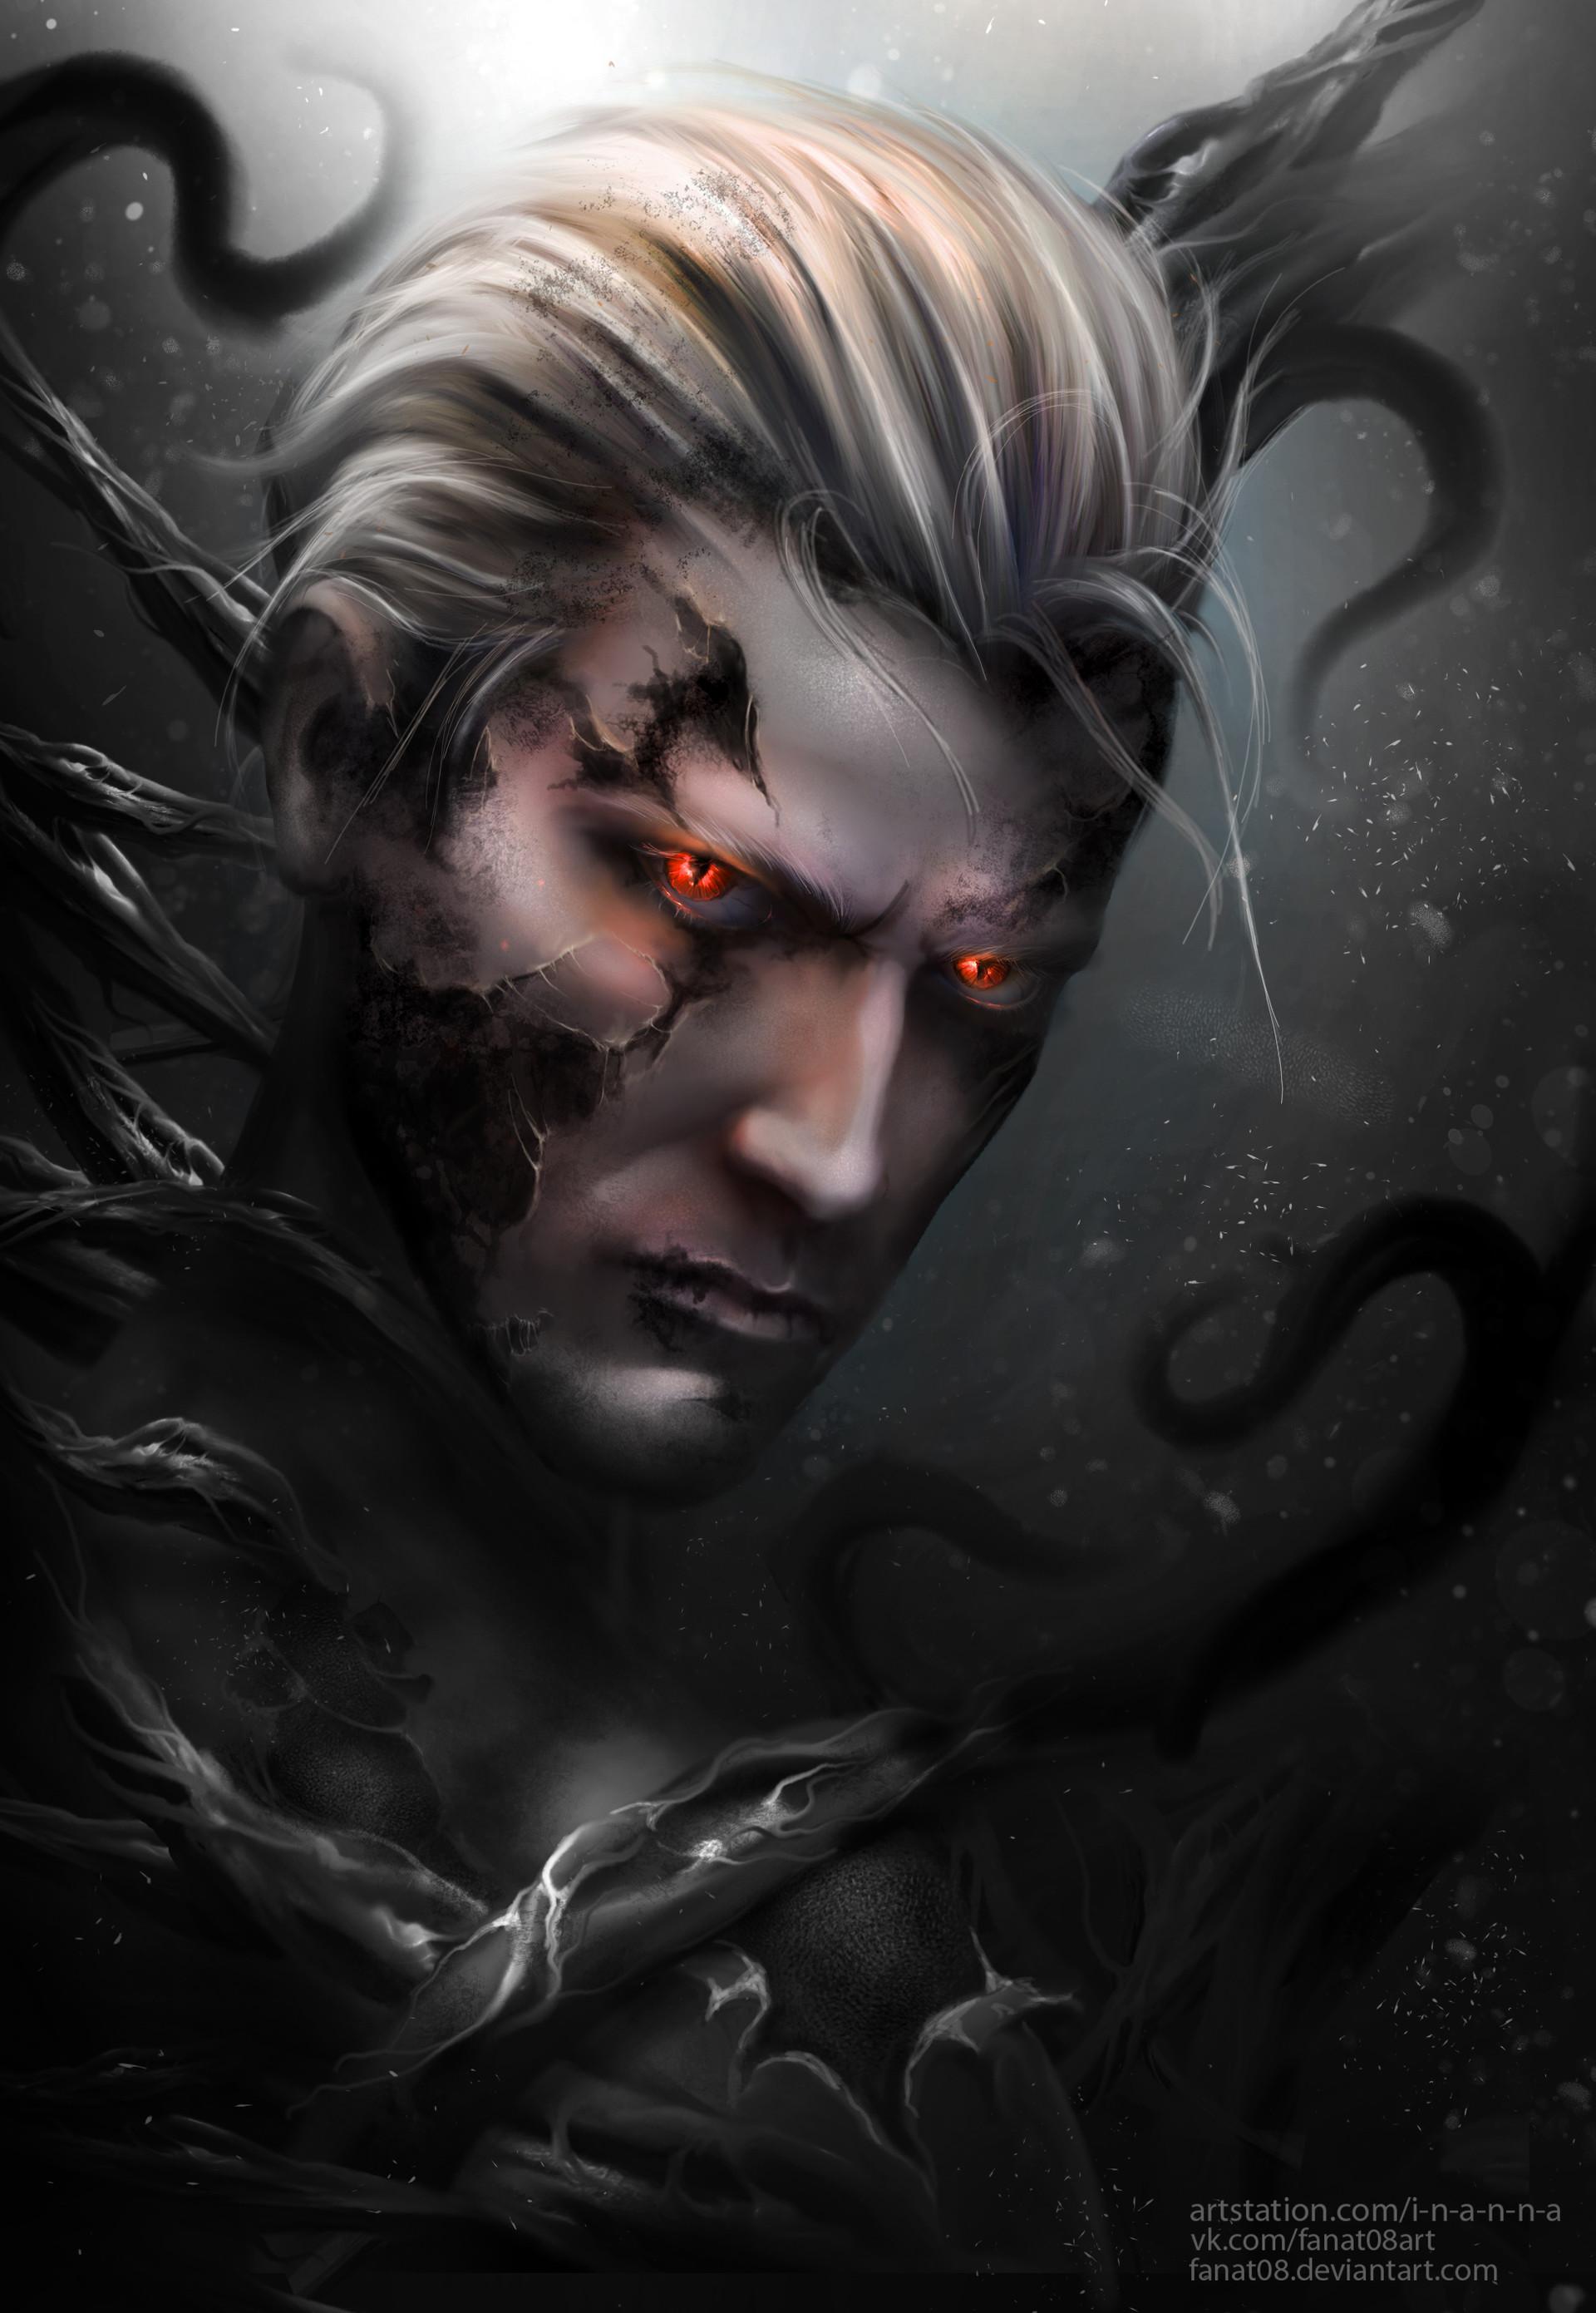 albert wesker resident evil 5